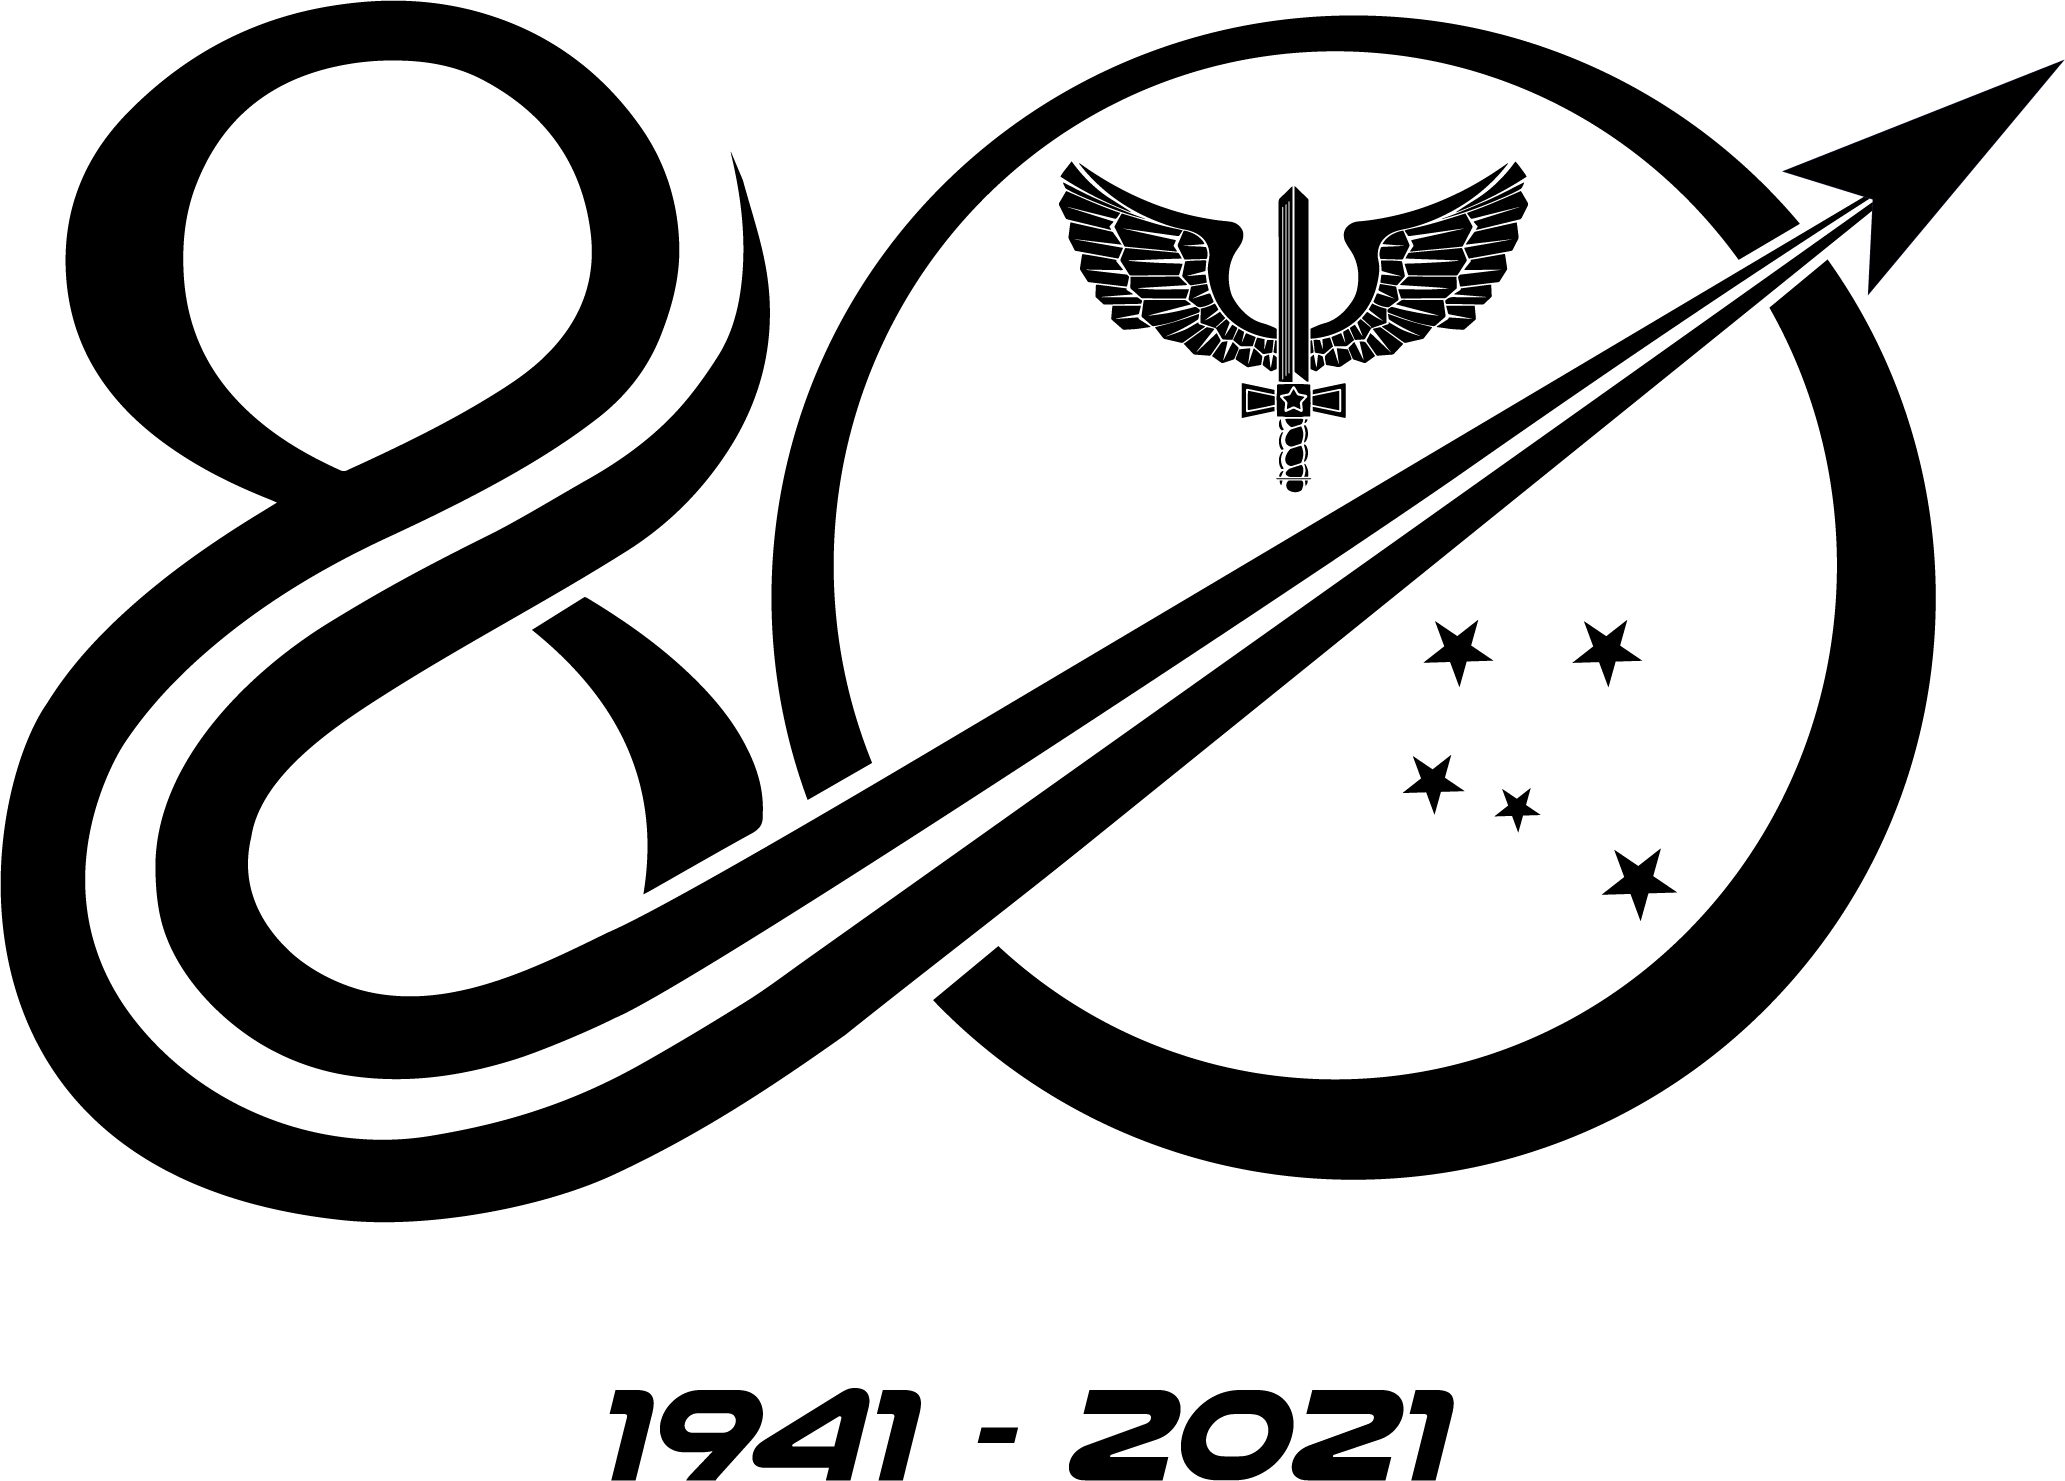 Símbolo Comemorativo Preto e Branco